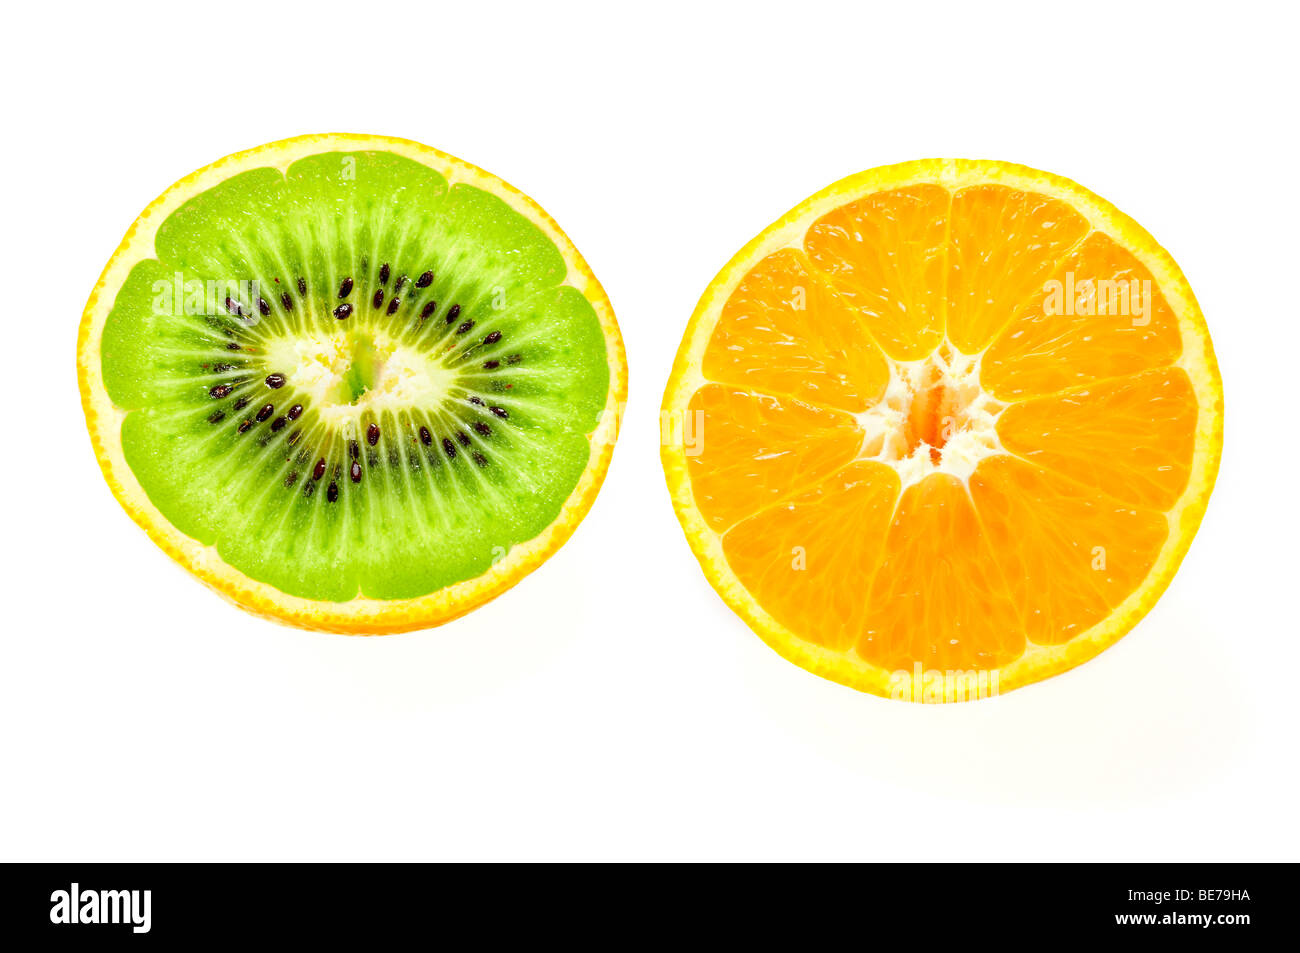 Orange filled with a Kiwi, symbolic image for genetic engineering - Stock Image